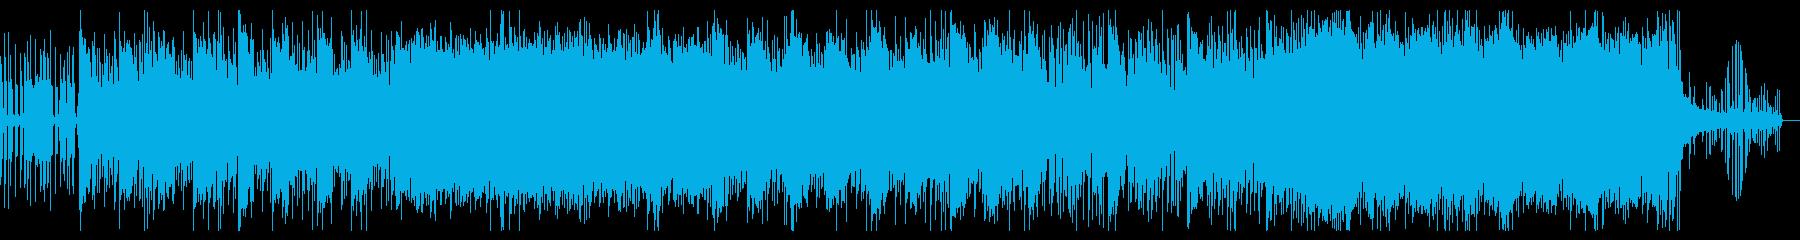 ドラマアニメBGMオーケストラエキサイトの再生済みの波形